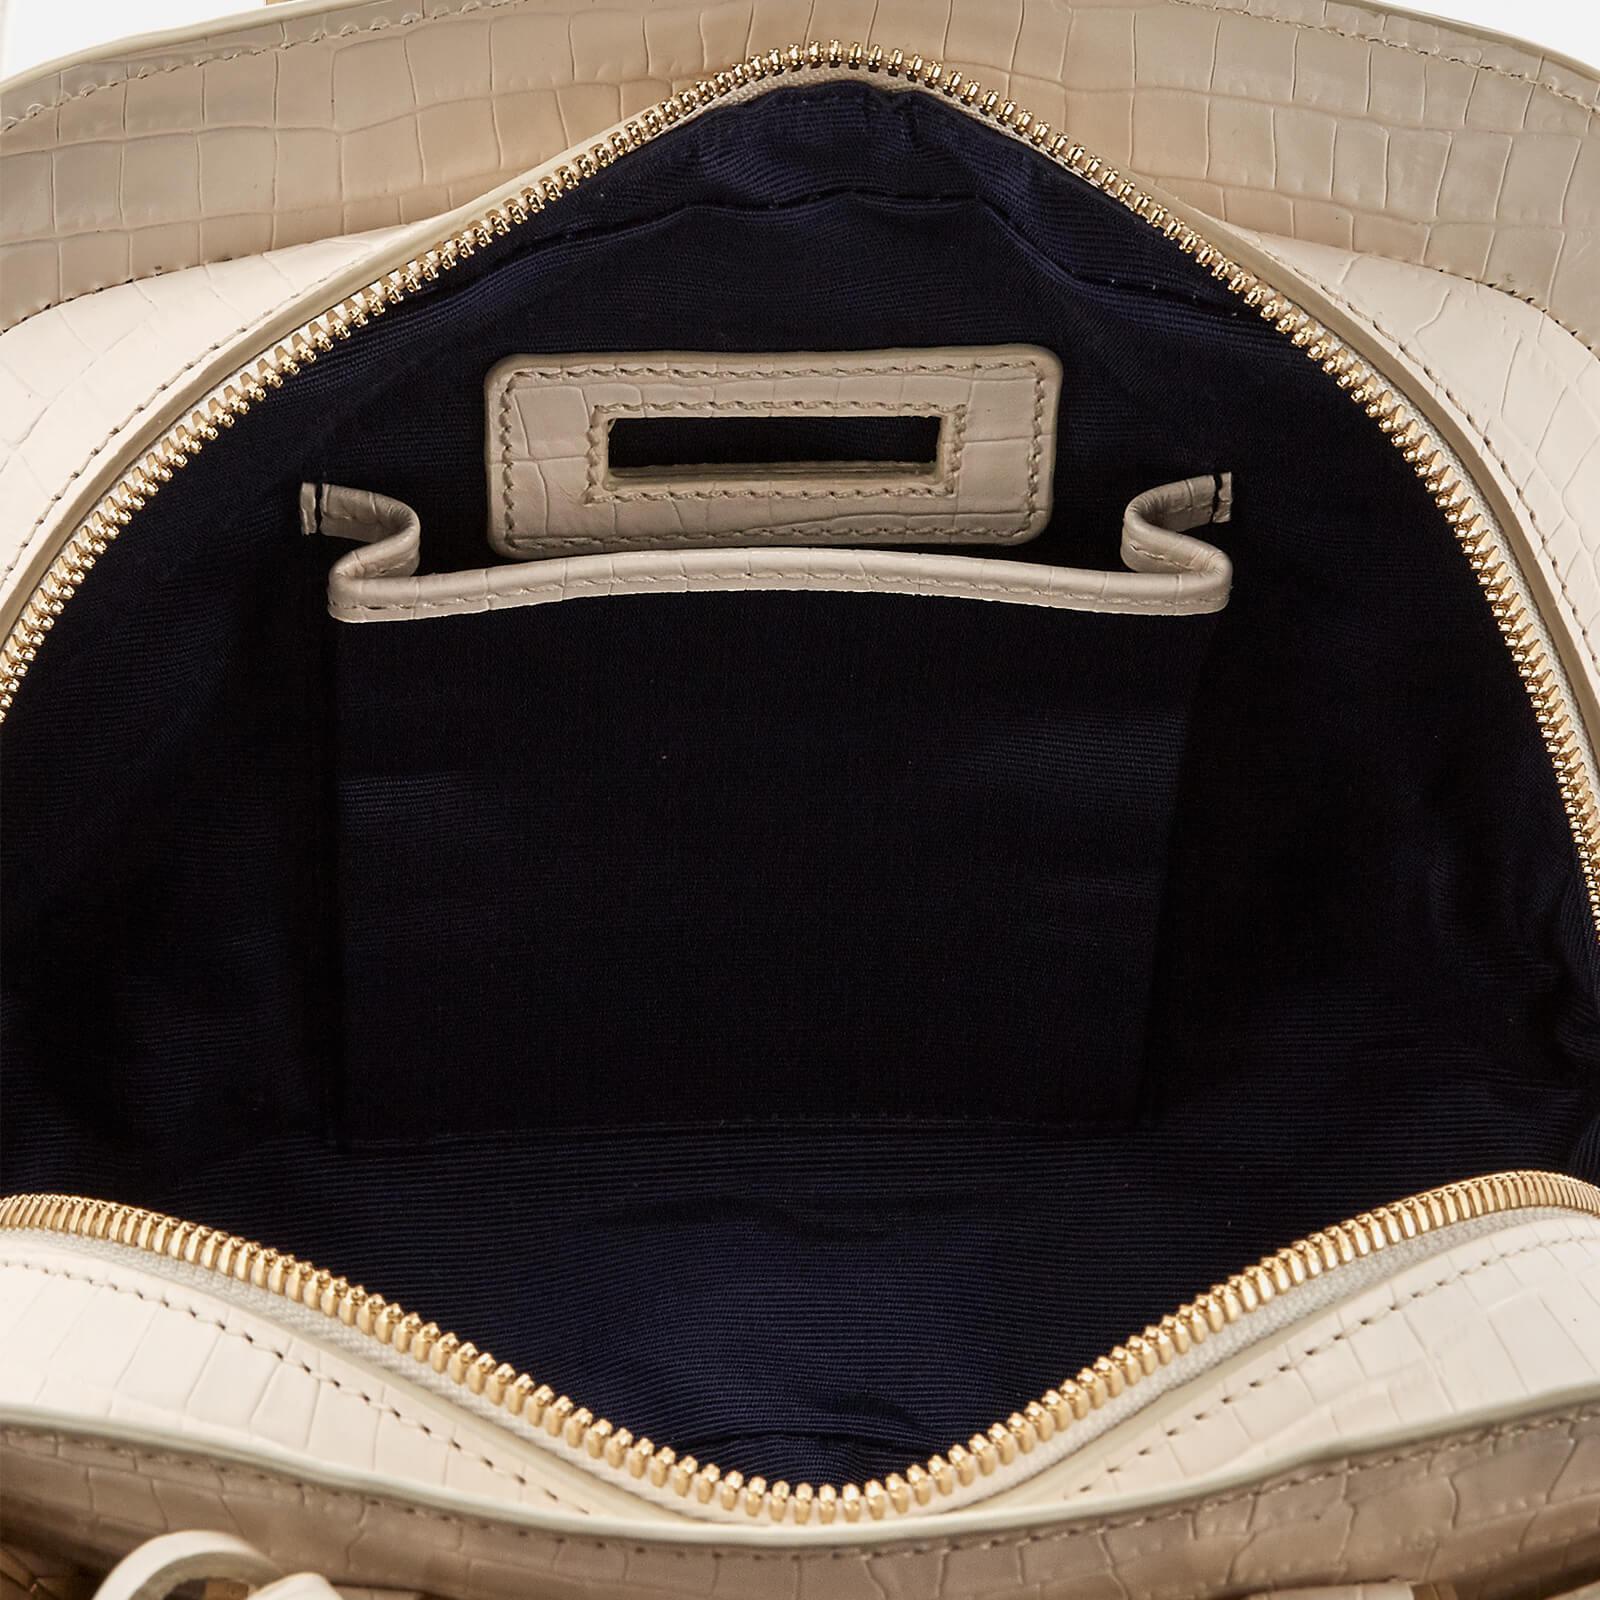 Aspinal of London New Hepburn Mini Tote Bag in Natural